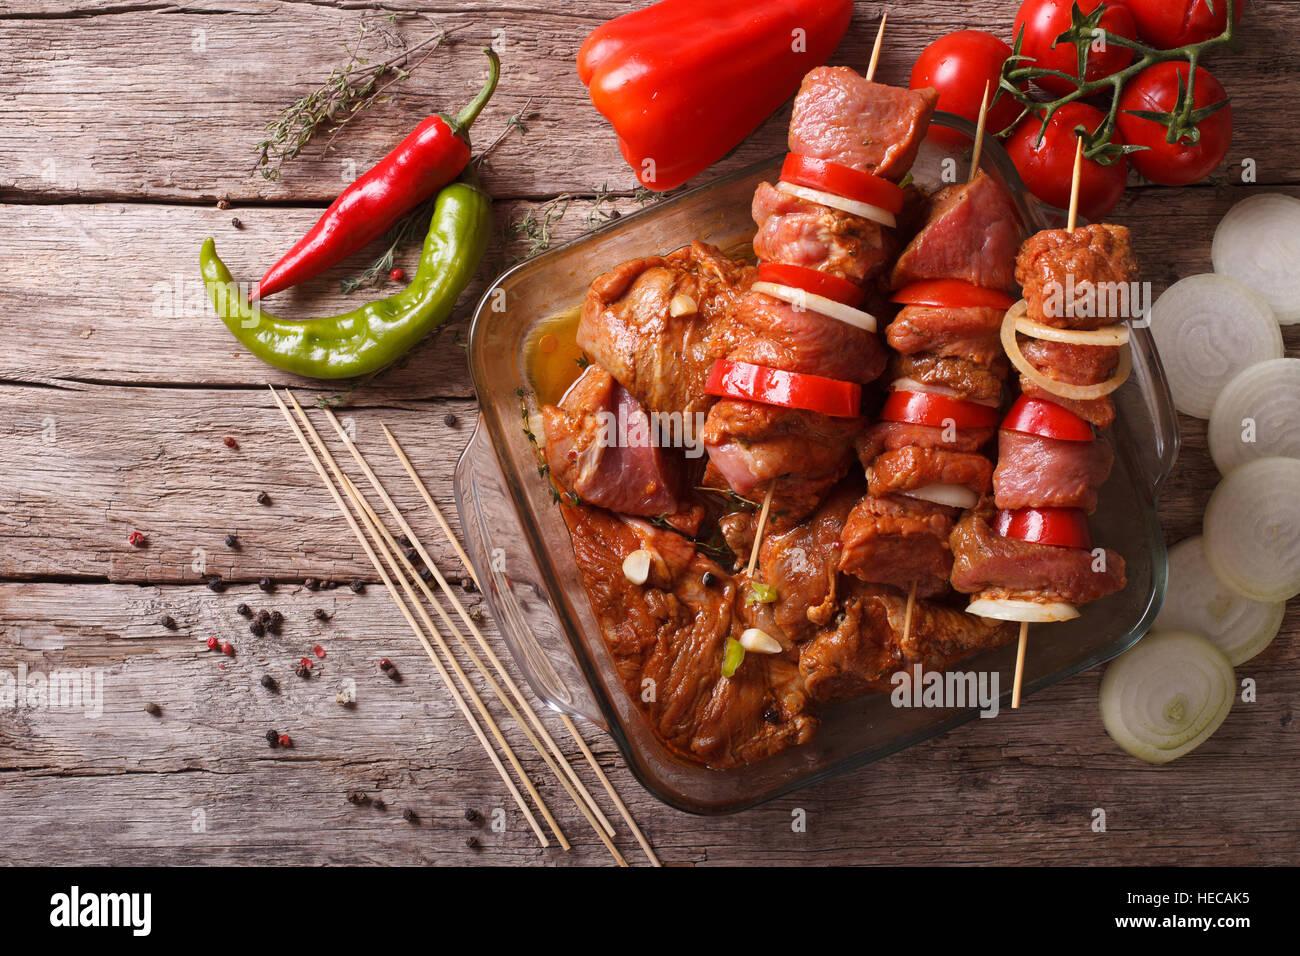 La preparazione di alimenti per la cottura sul barbecue spiedini. vista orizzontale dal di sopra, rustico Immagini Stock